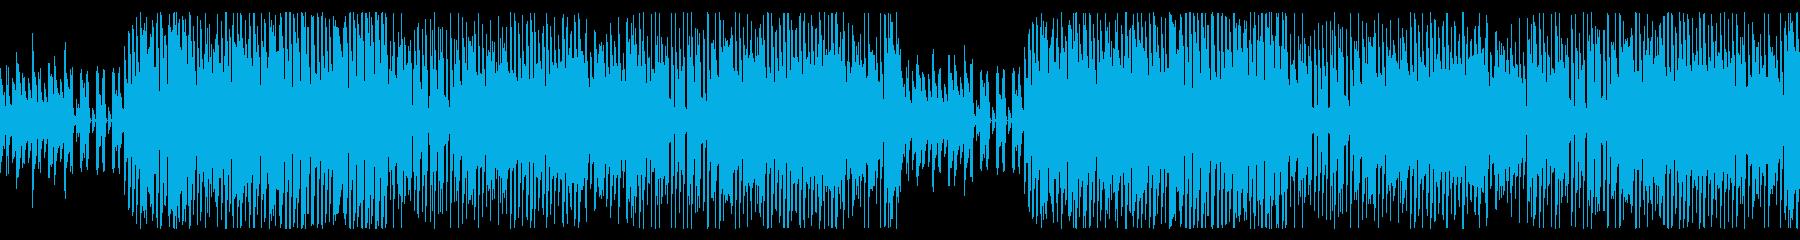 可愛くて楽しげなゲーム音楽の再生済みの波形